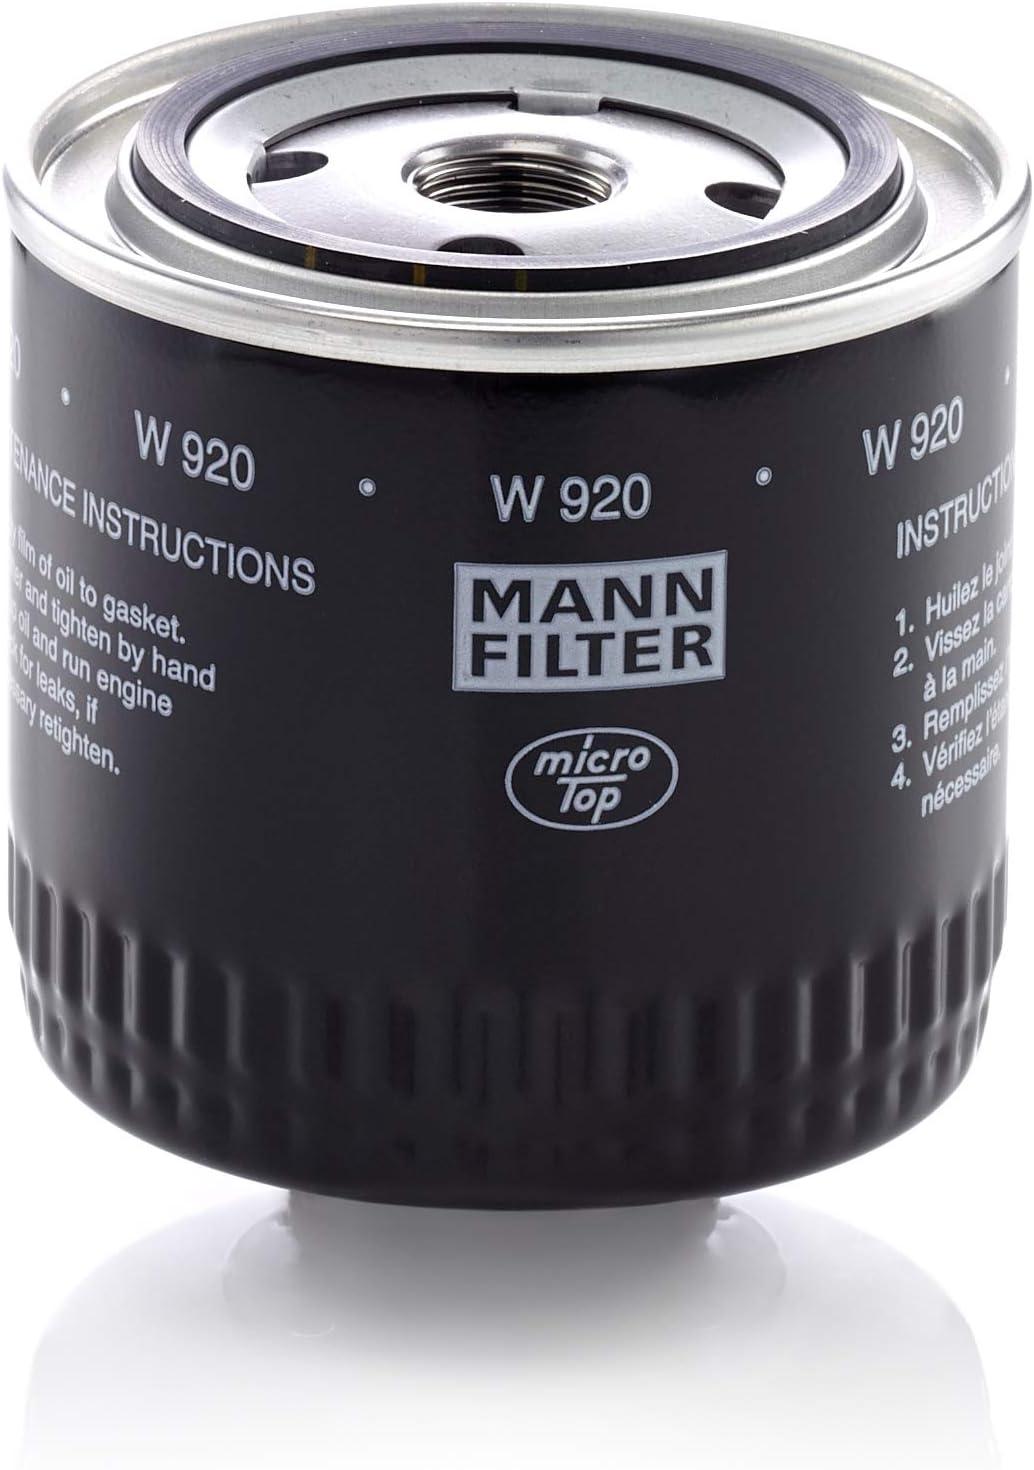 Original Mann Filter Ölfilter W 920 Hydraulikfilter Geeignet Für Automatikgetriebe Für Nutzfahrzeuge Auto